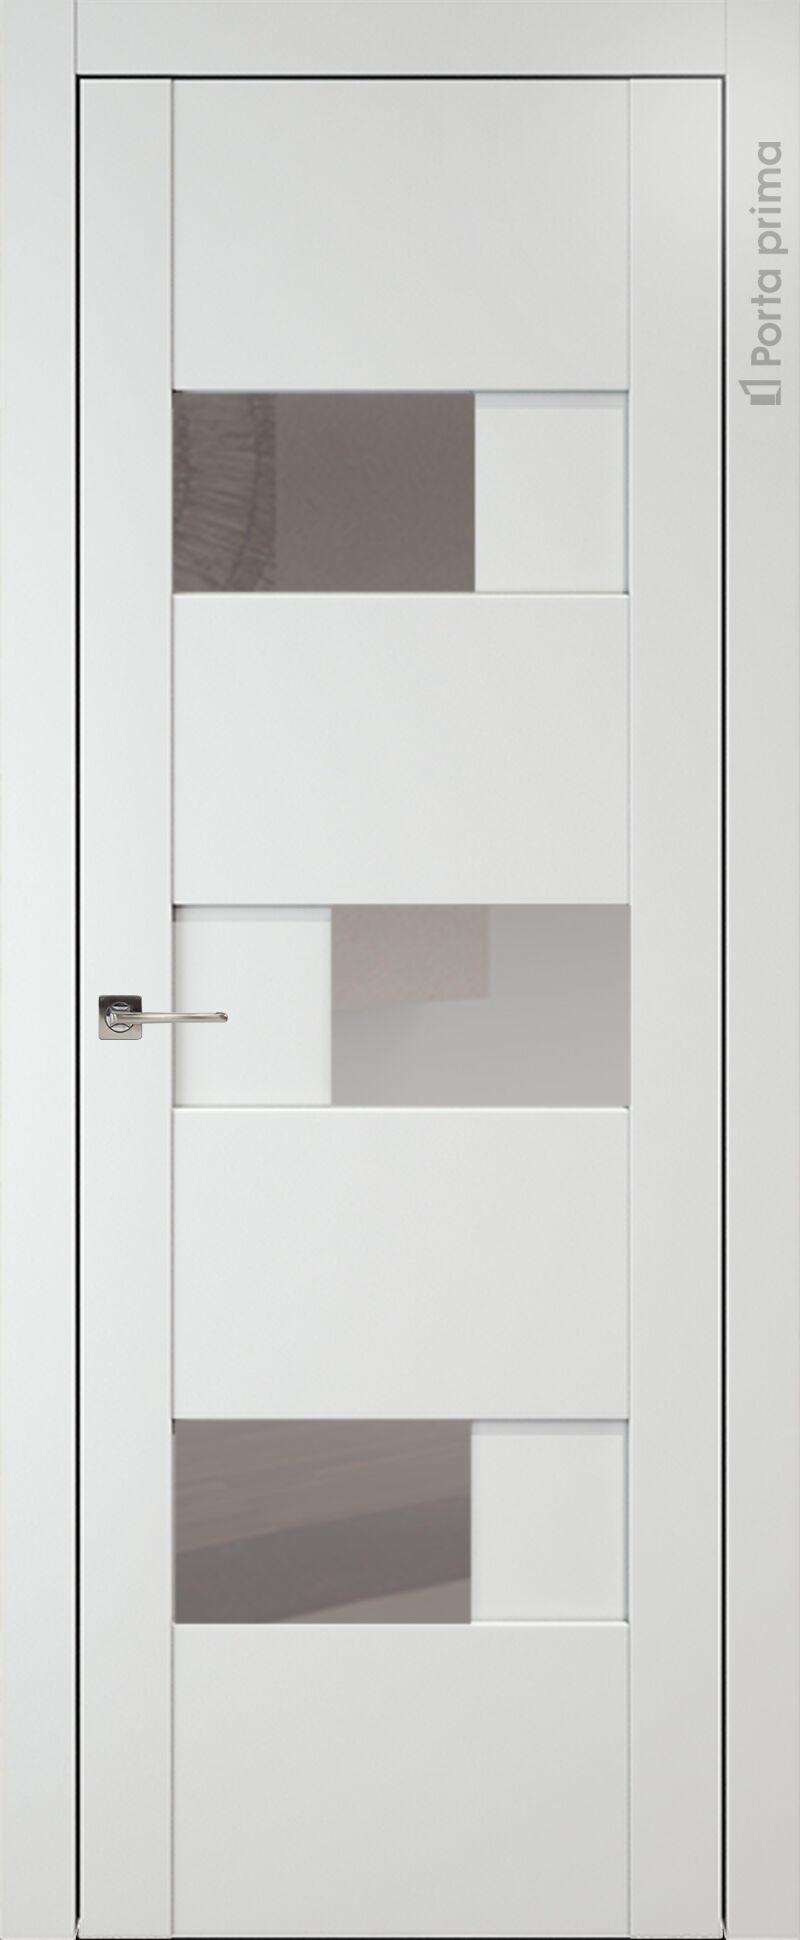 Vicenza цвет - Белая эмаль (RAL 9003) Со стеклом (ДО)